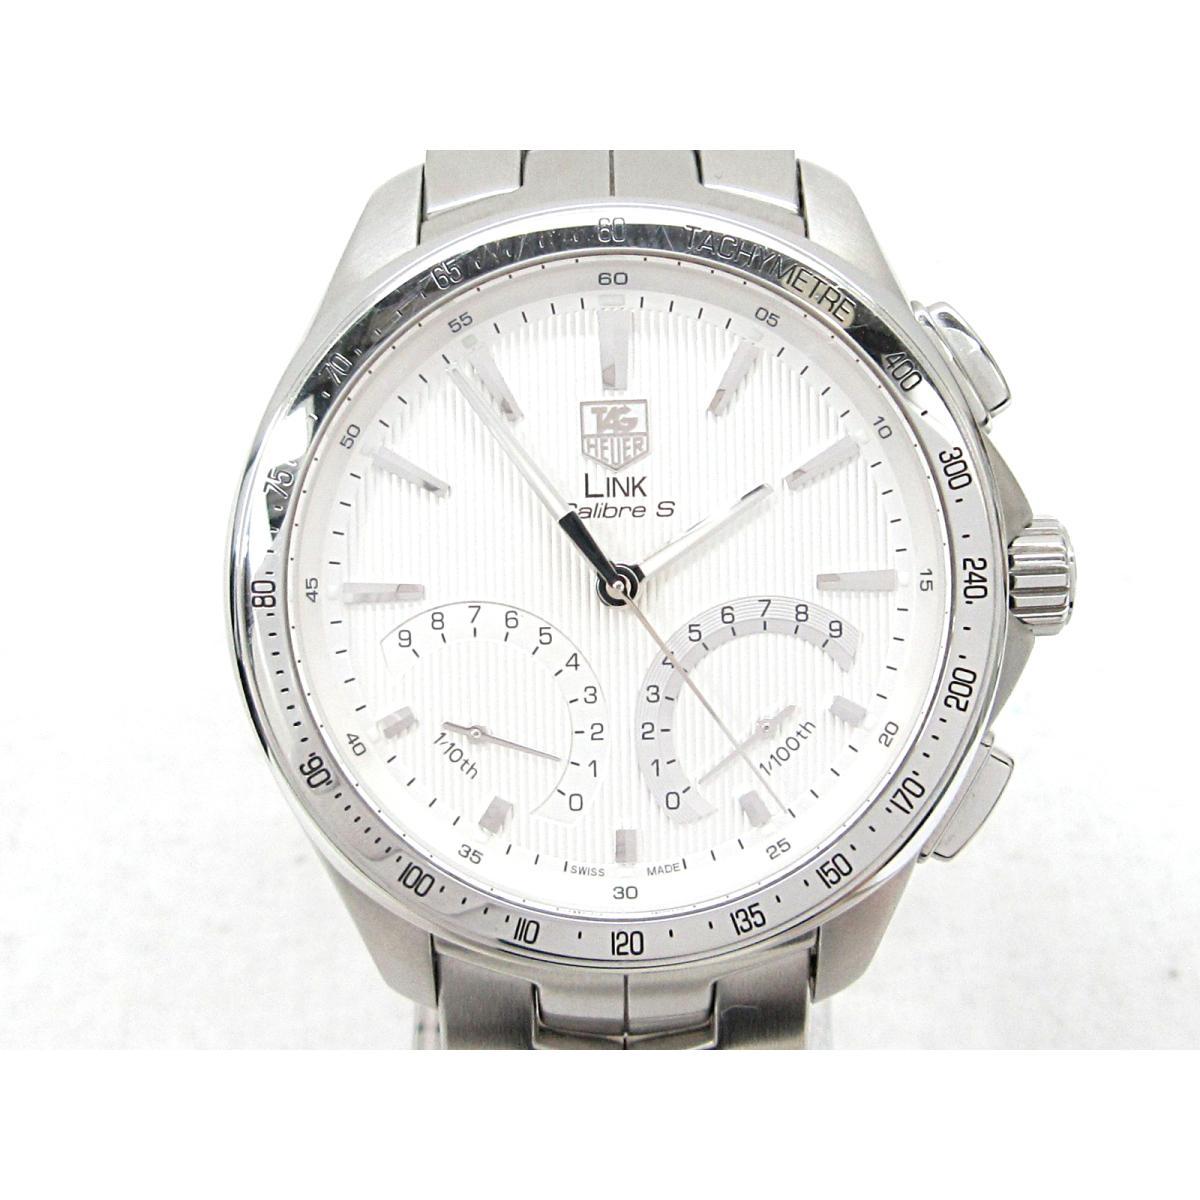 【中古】 タグ・ホイヤー リンク キャリバーS 腕時計 WATCH メンズ ステンレススチール (SS) (CAT7011.BA0952)   TAG HEUER クオーツ 時計 リンク キャリバーS 美品 ブランドオフ